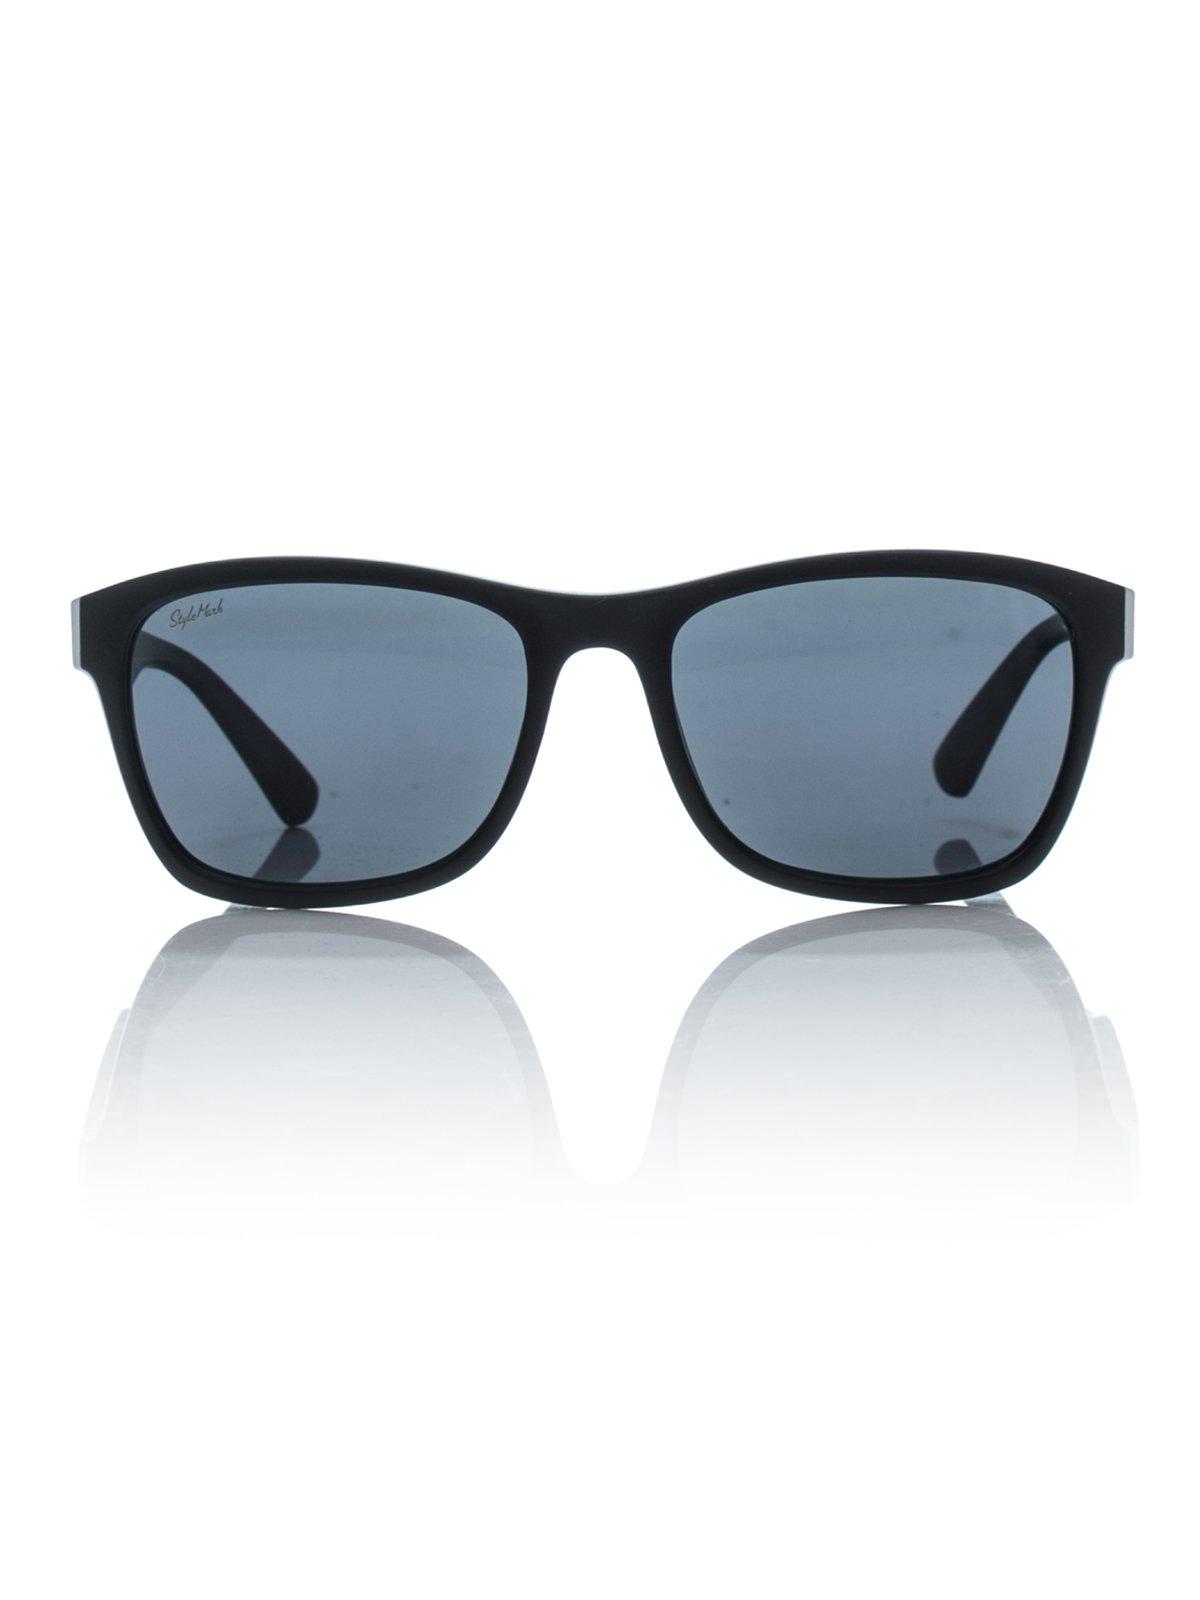 Очки солнцезащитные | 2267020 | фото 2